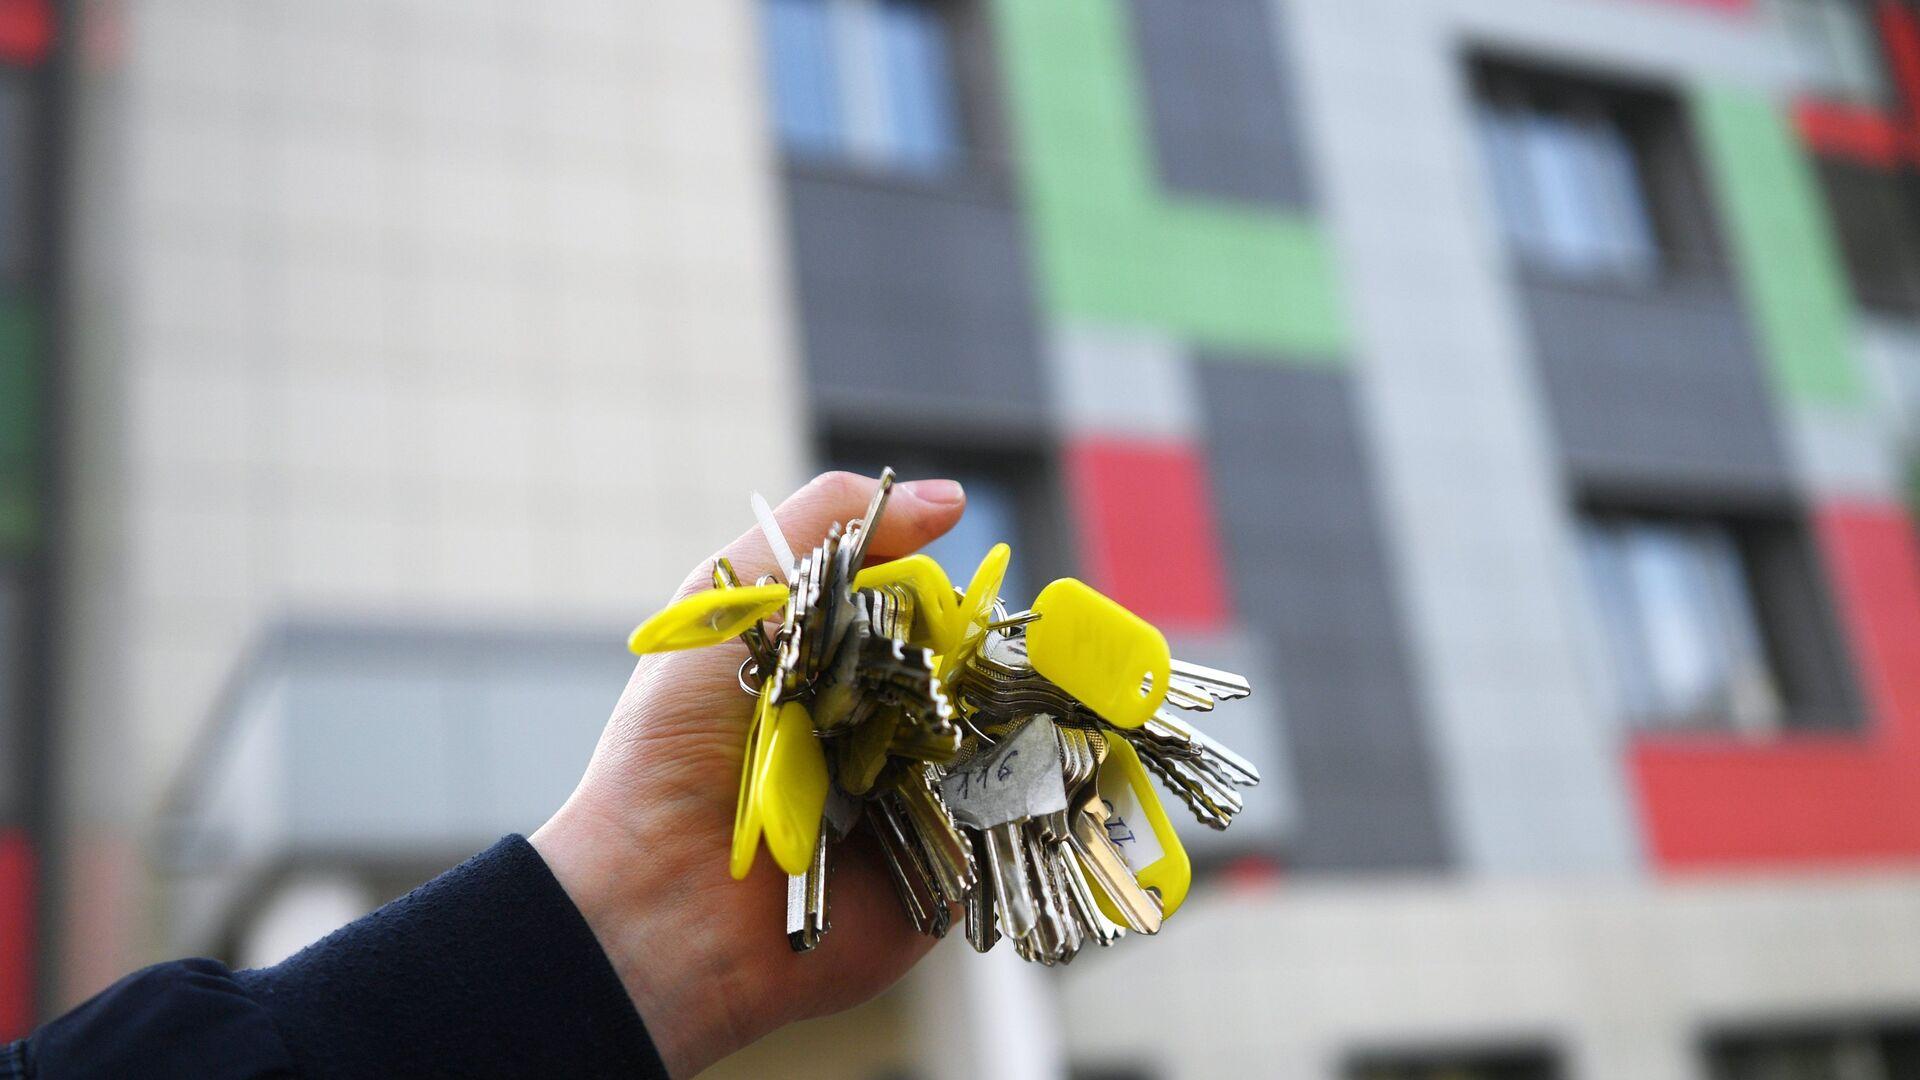 Связка ключей от квартир многоэтажного жилого дома, архивное фото - Sputnik Тоҷикистон, 1920, 09.04.2021